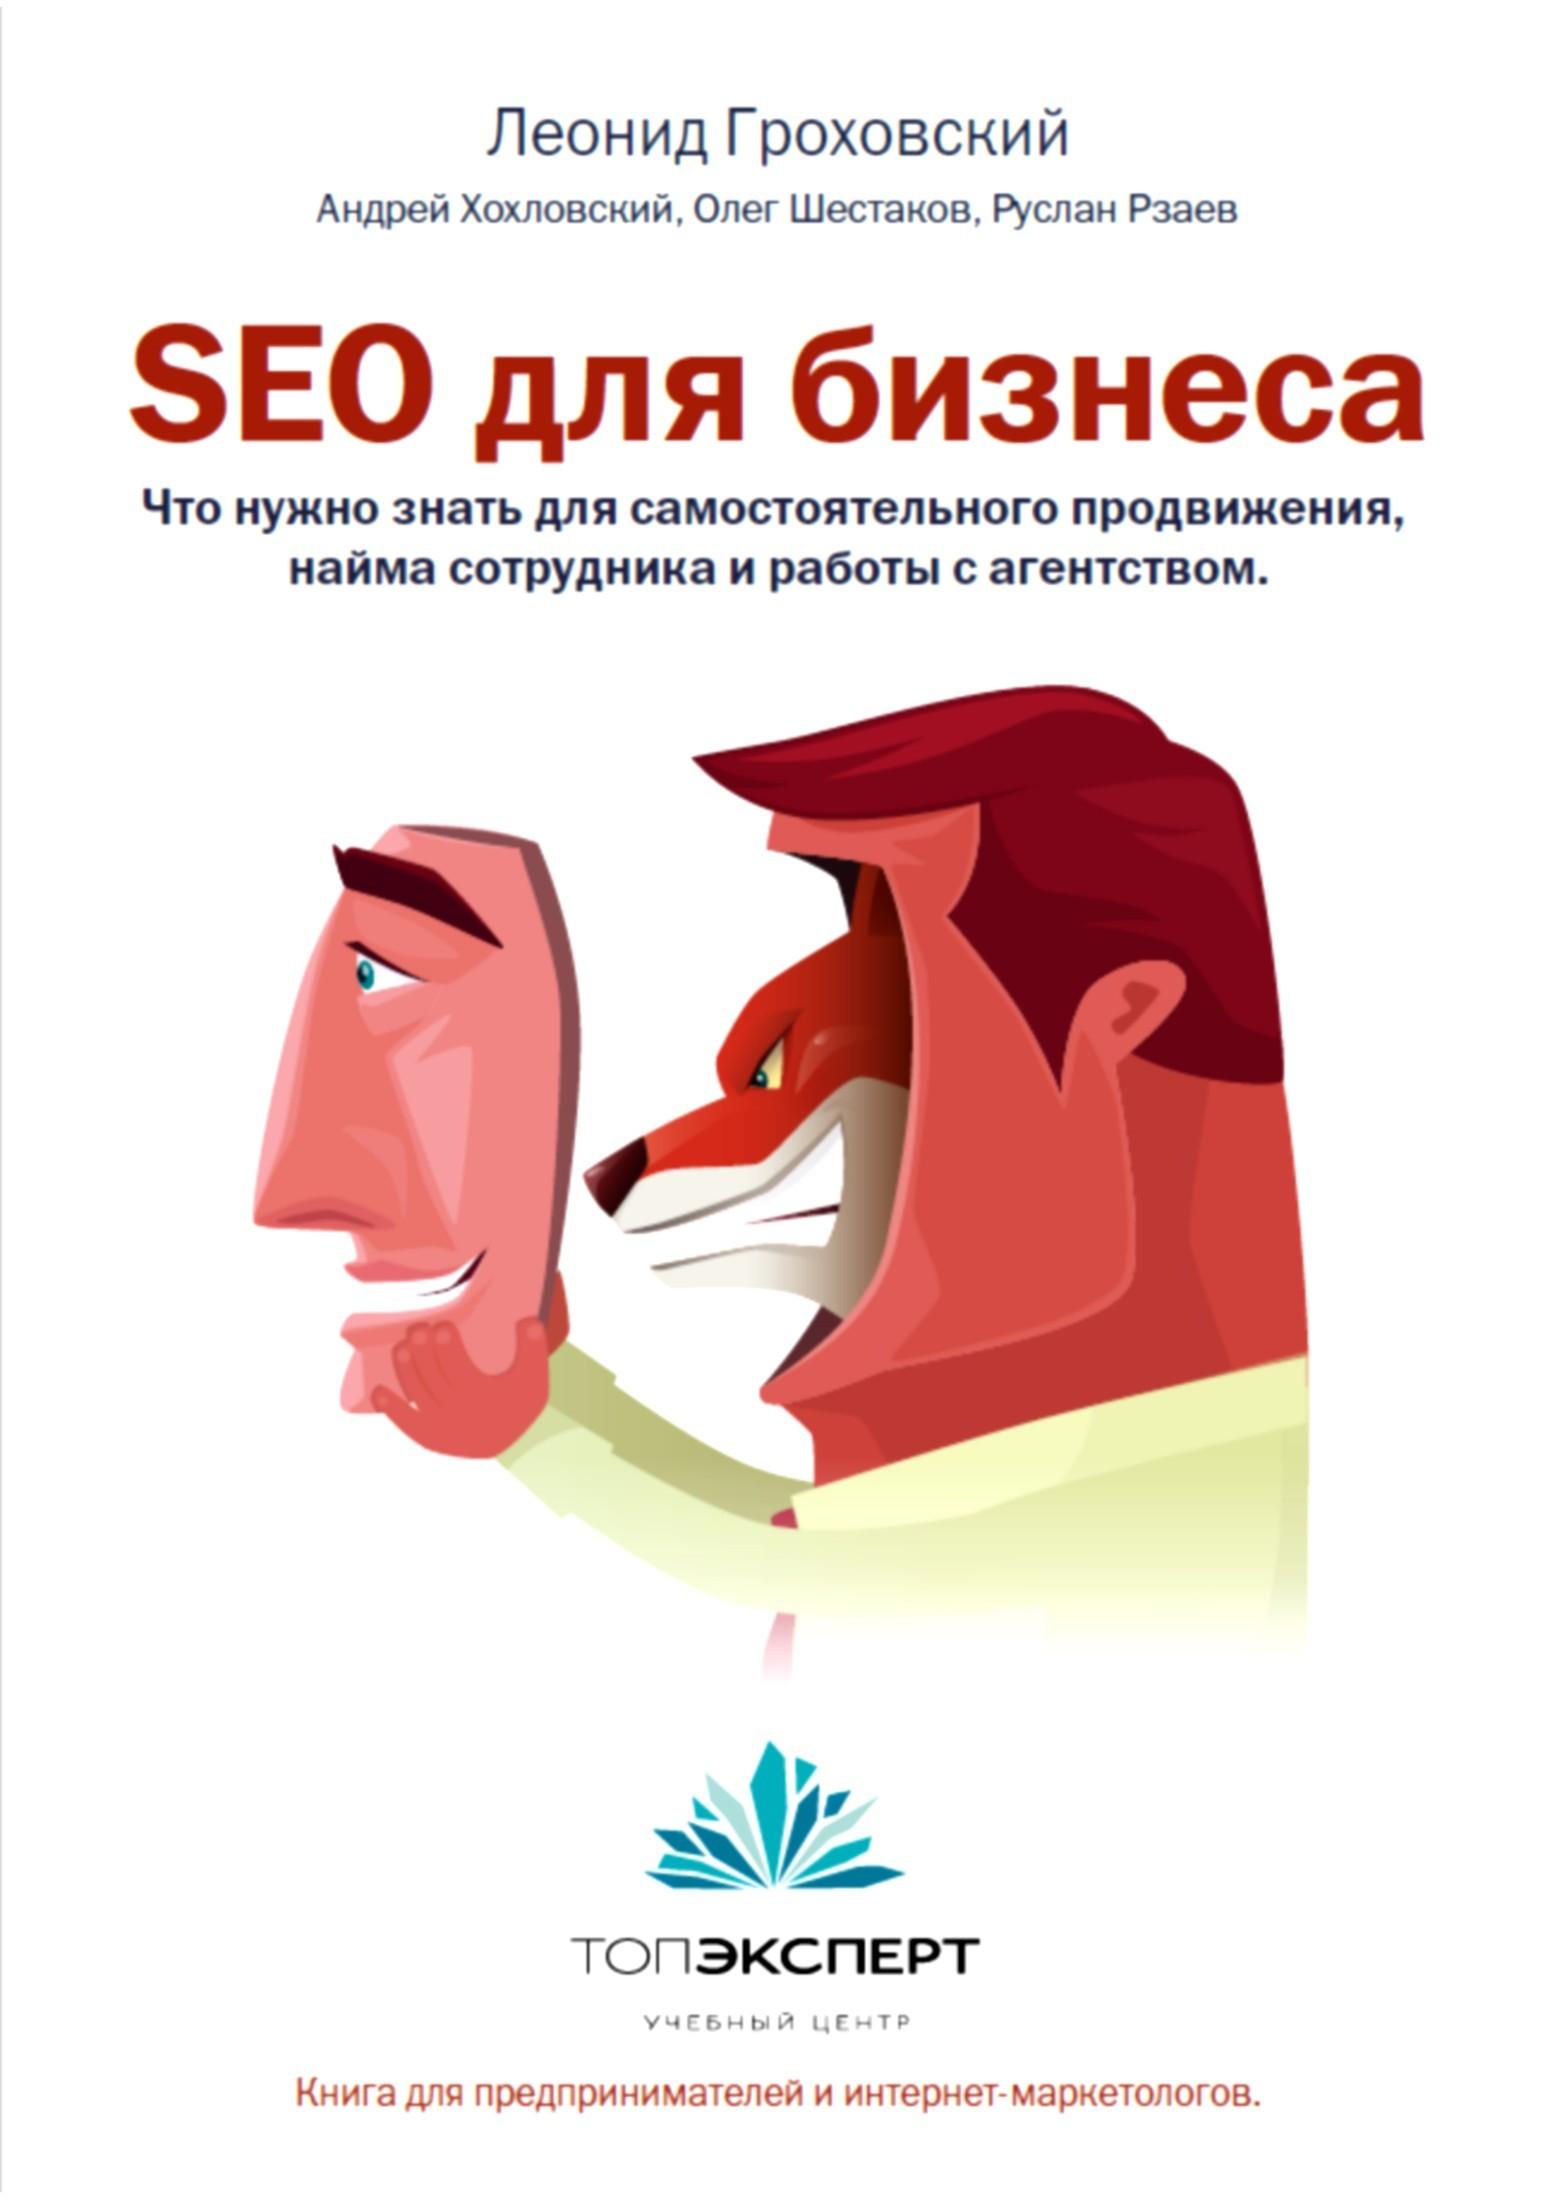 Обложка книги. Автор - Олег Шестаков